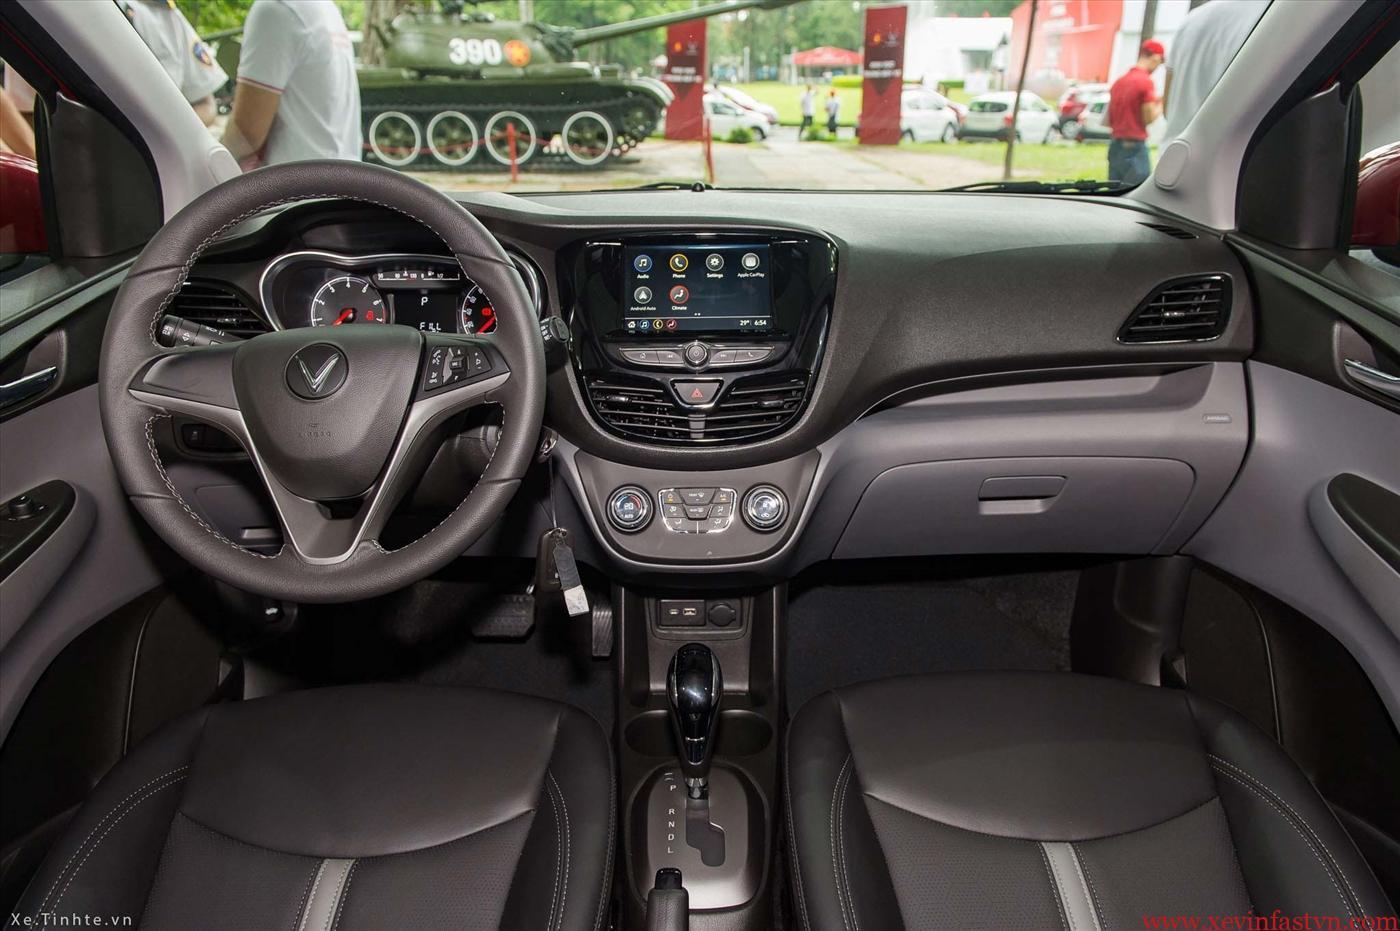 Vinfast Fadil Hatchback 1.4L At Phiên Bản Tiêu Chuẩn (Máy Xăng) - Hình 17